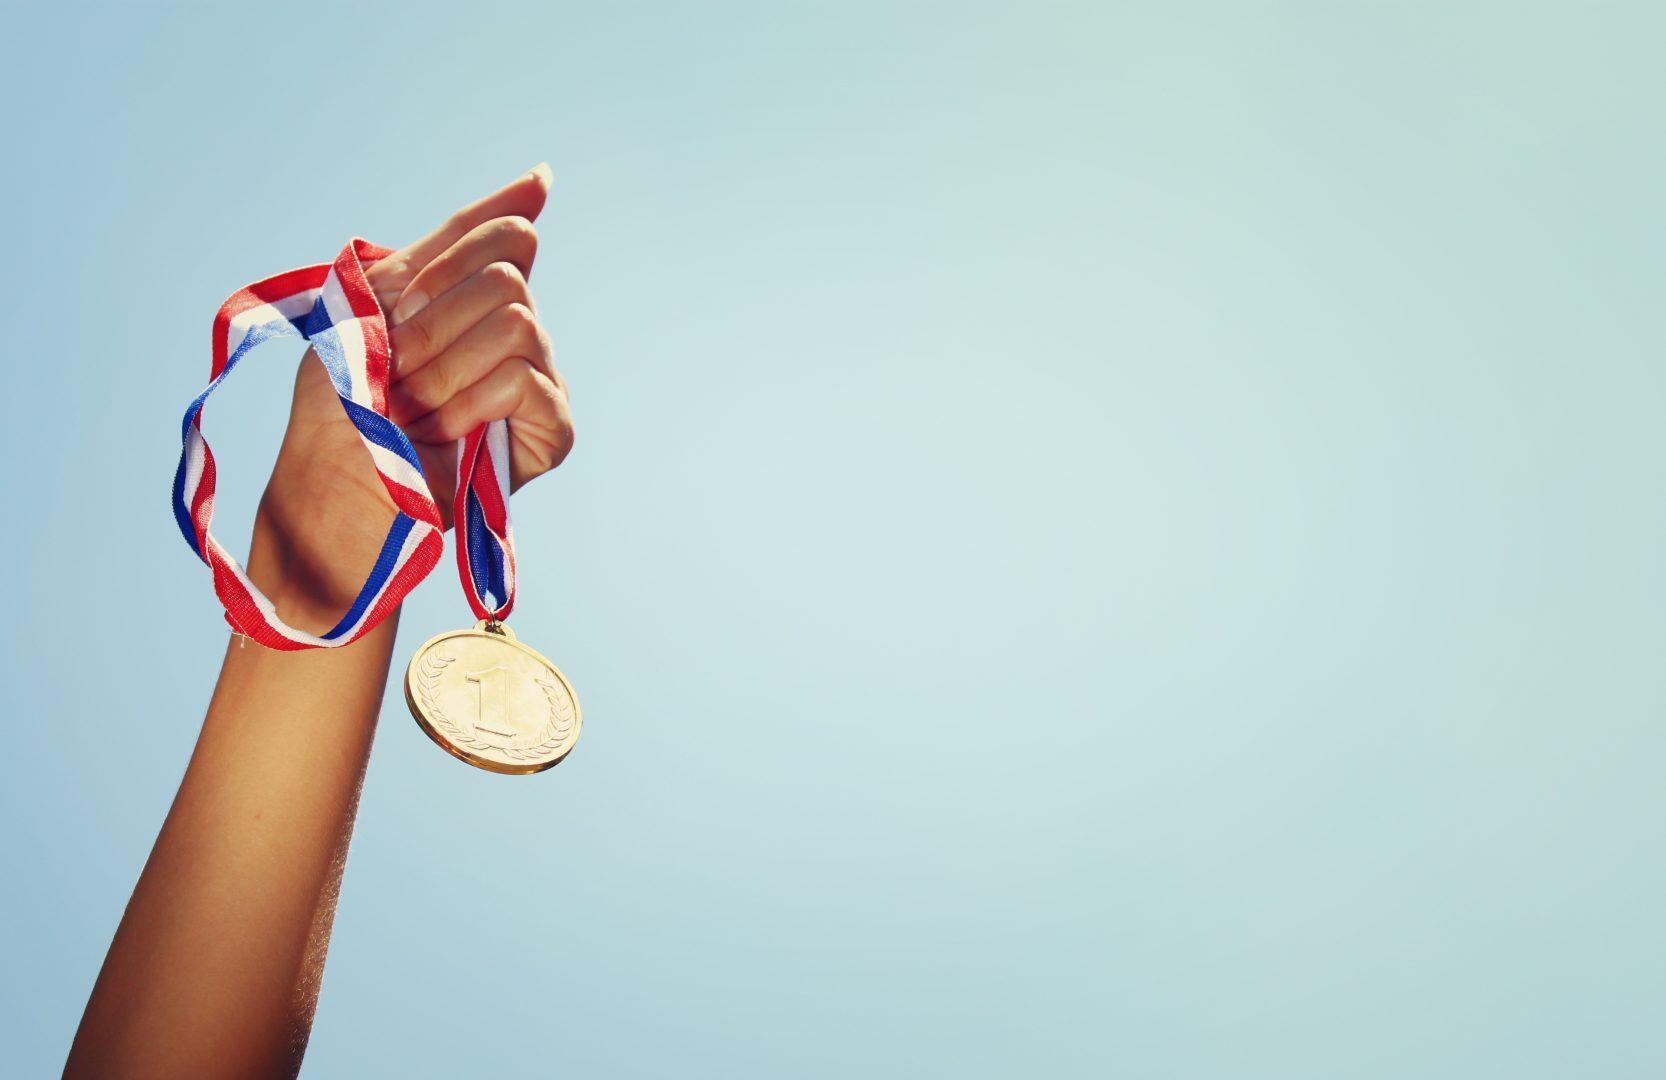 Make Your Website a Gold Medal Winner